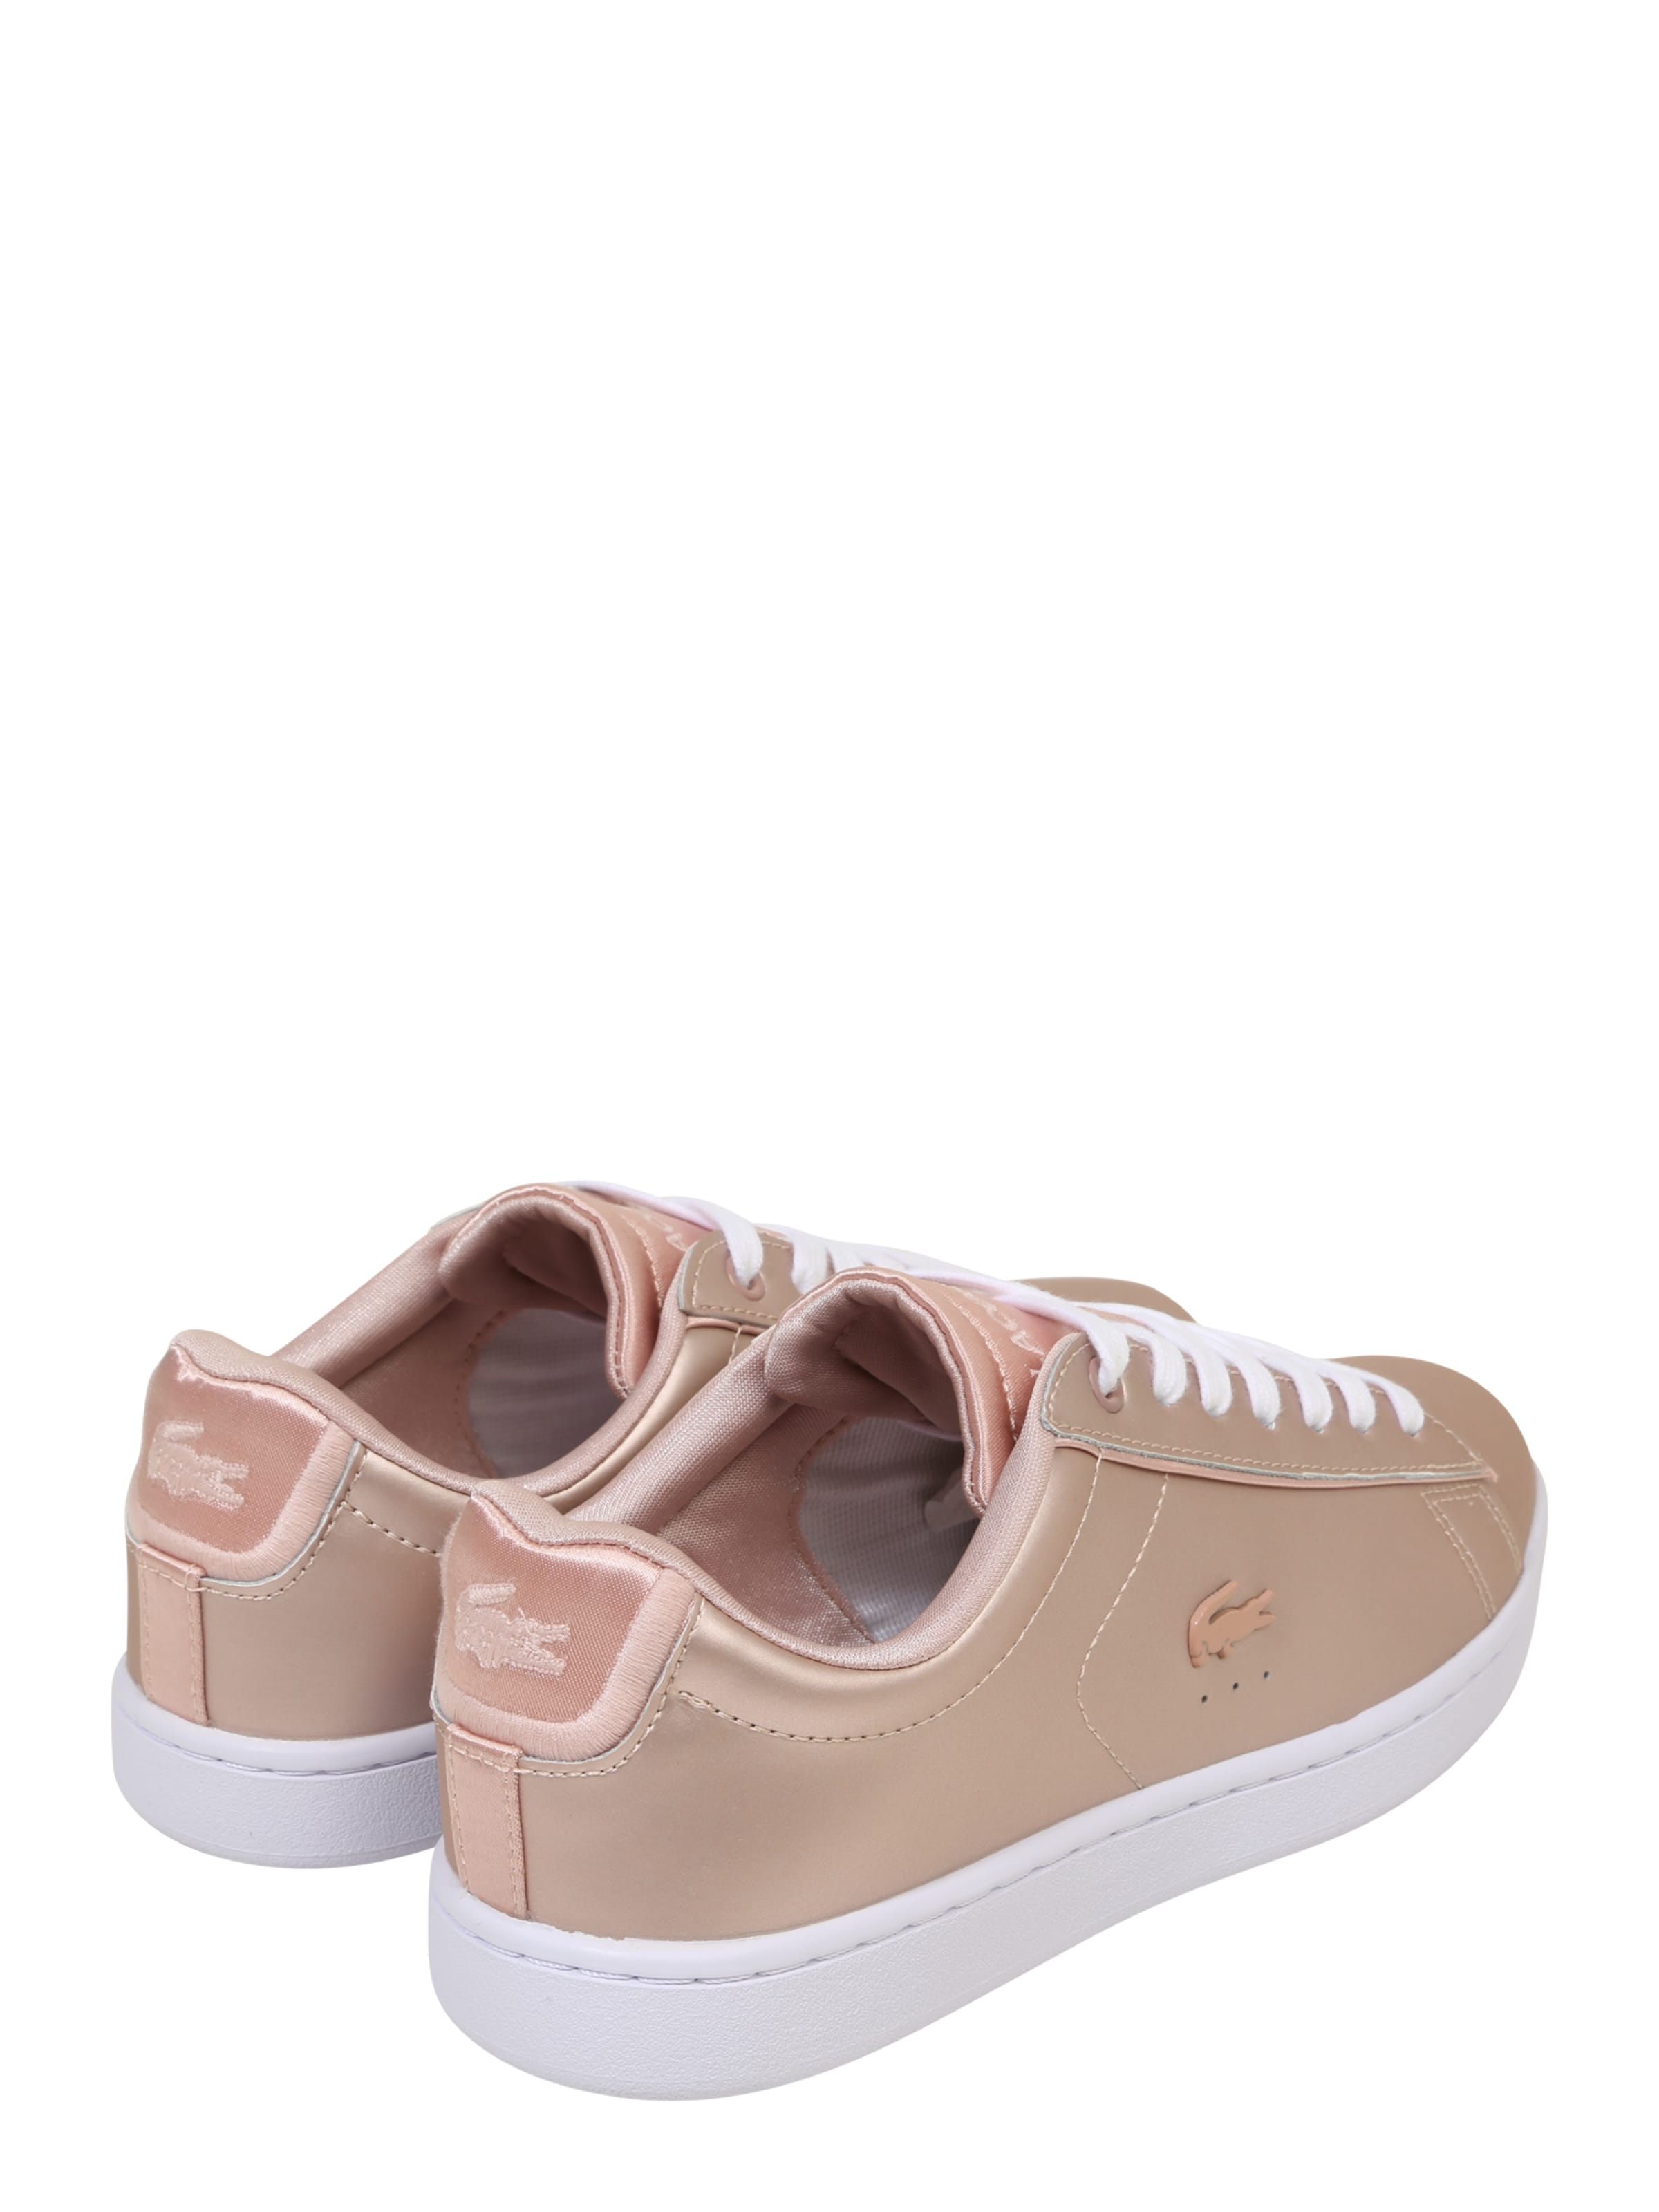 Lacoste 'carnaby' GoldRosé Lacoste In 'carnaby' Sneaker Sneaker VqSpUzM